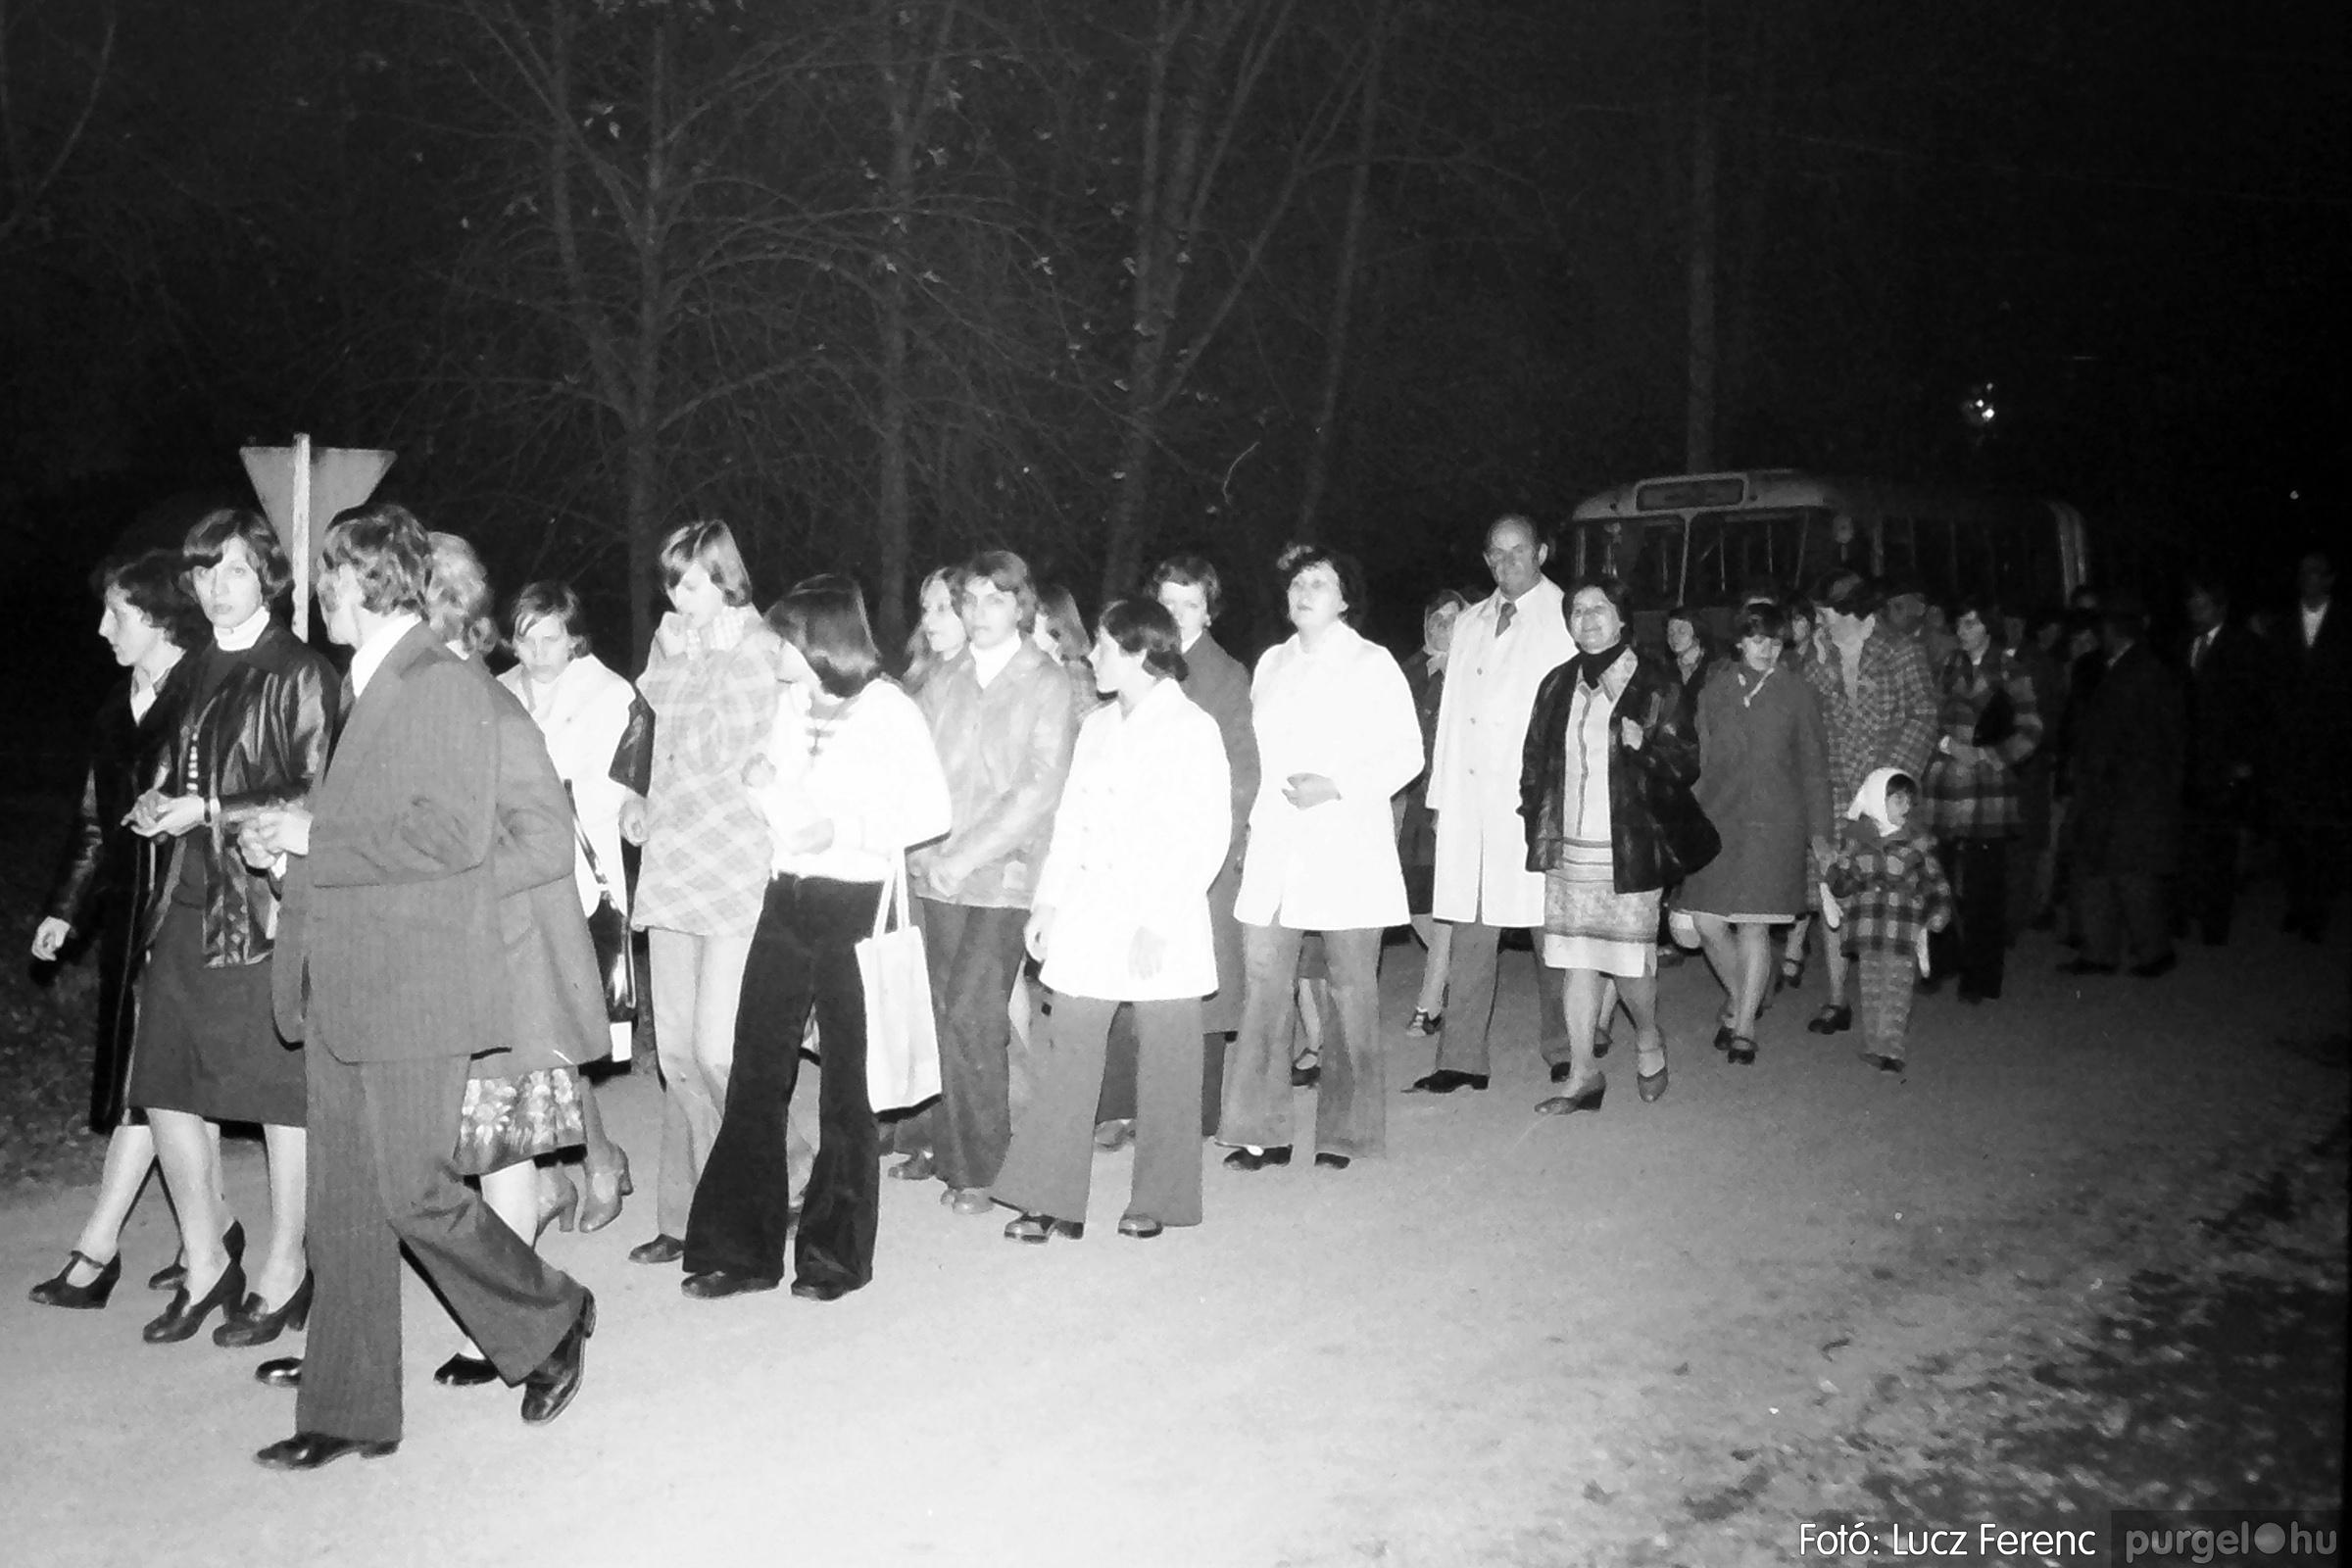 094. 1977.11.07. November 7-i ünnepség 005. - Fotó: Lucz Ferenc.jpg